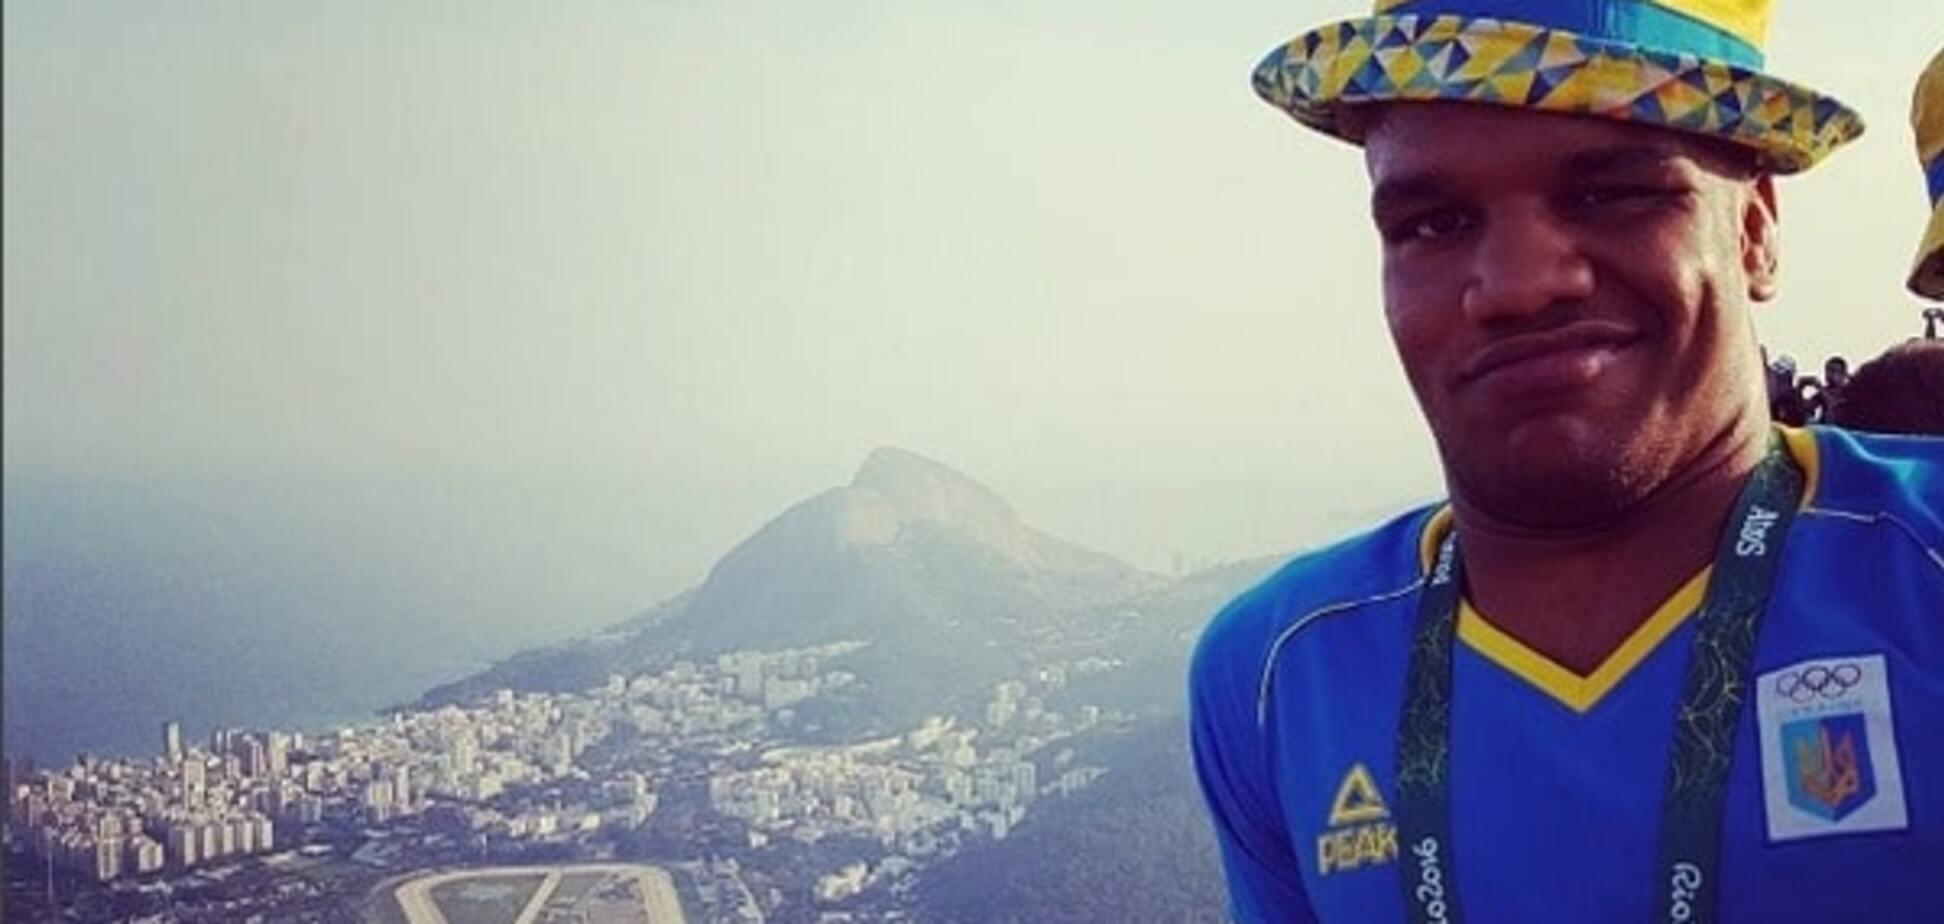 'Сам Бог велел!': борец Беленюк сделал эмоциональное заявление об украинских паралимпийцах